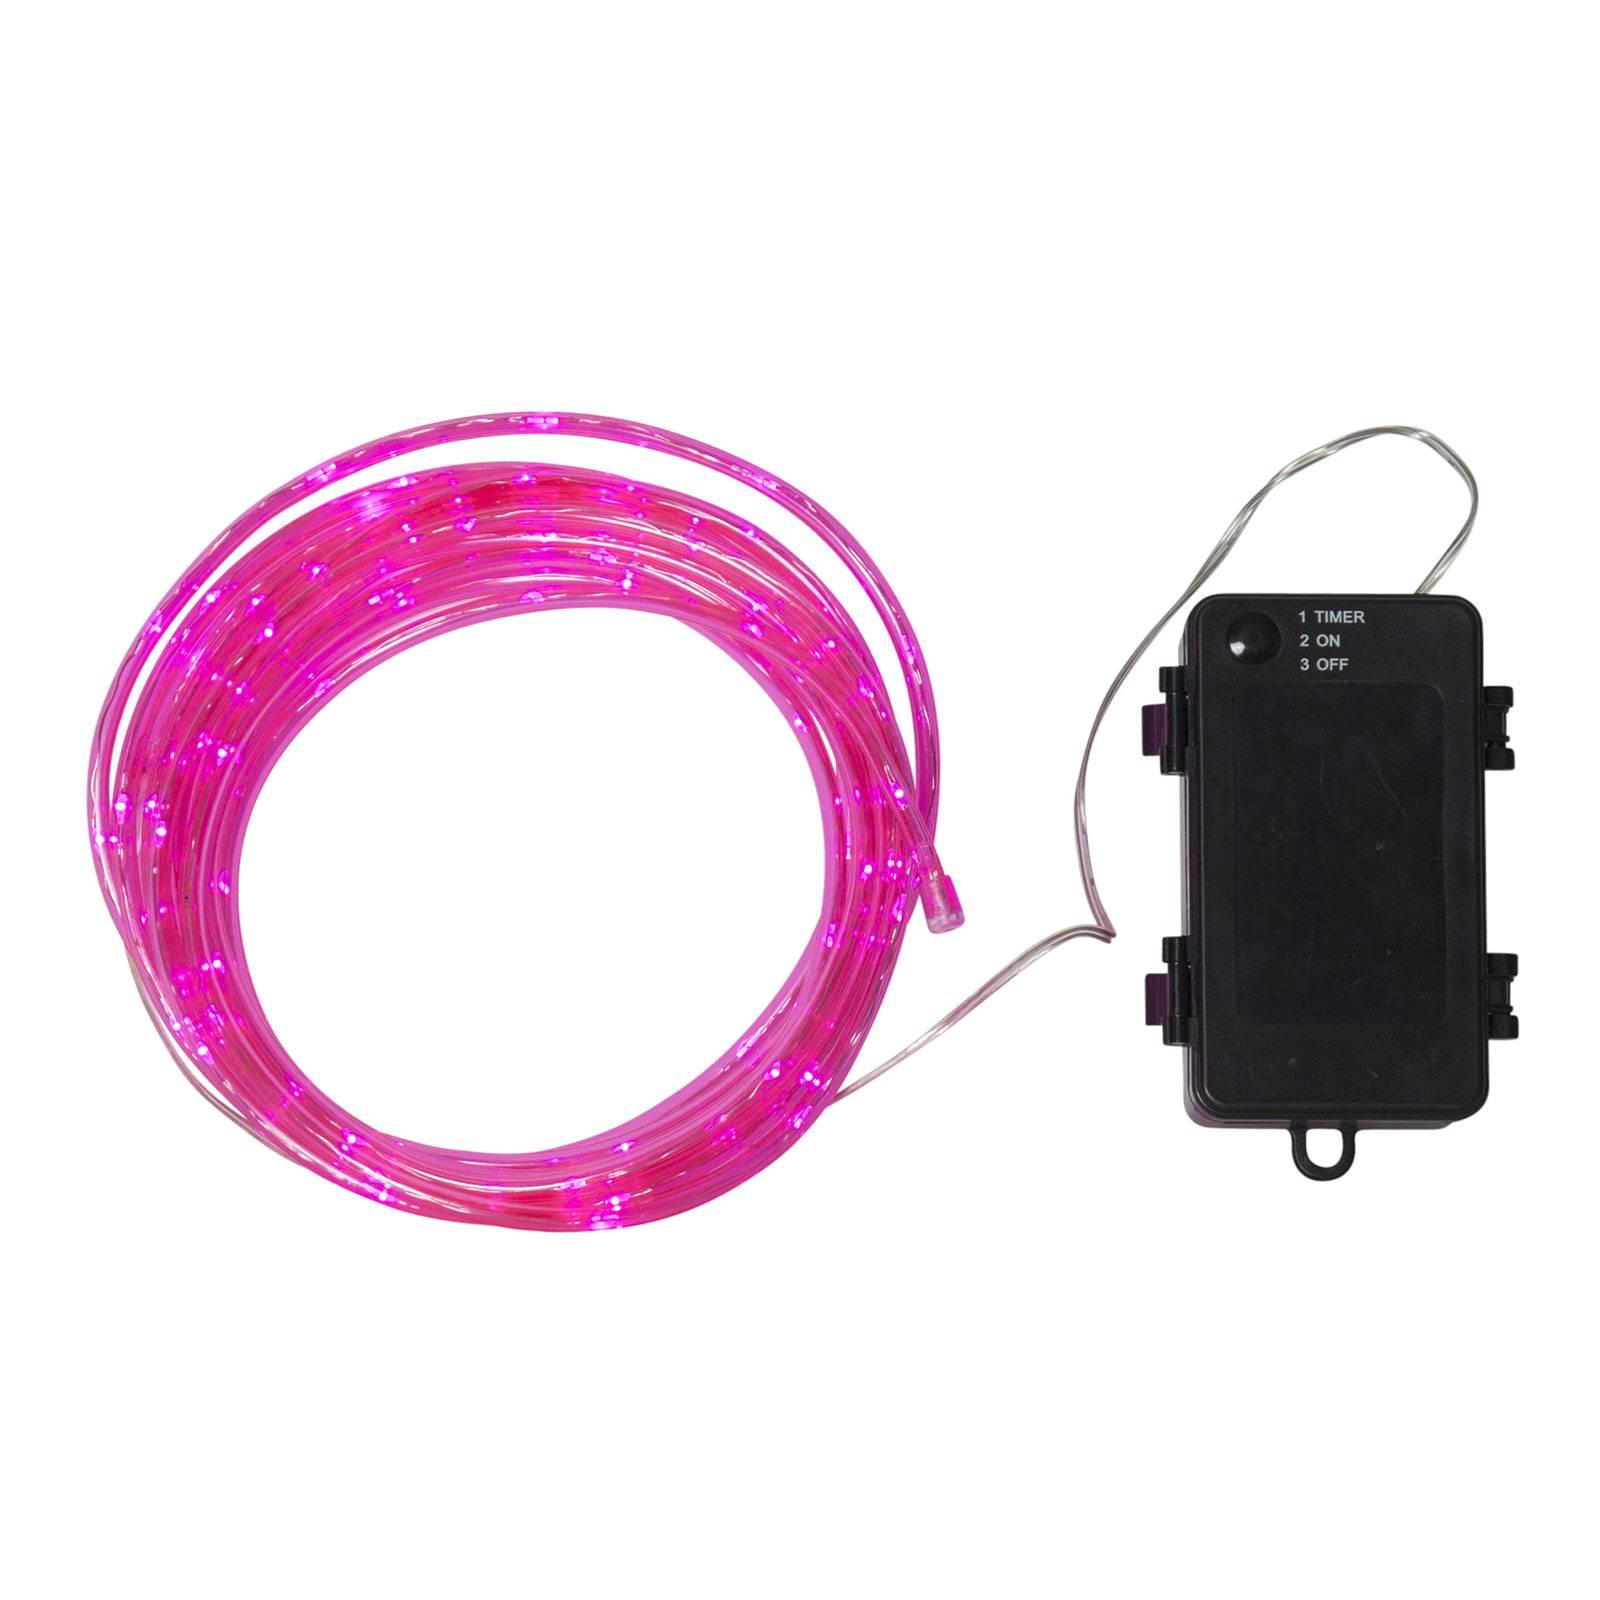 LLED-Lichtschlauch Tuby, batteriebetrieben, pink